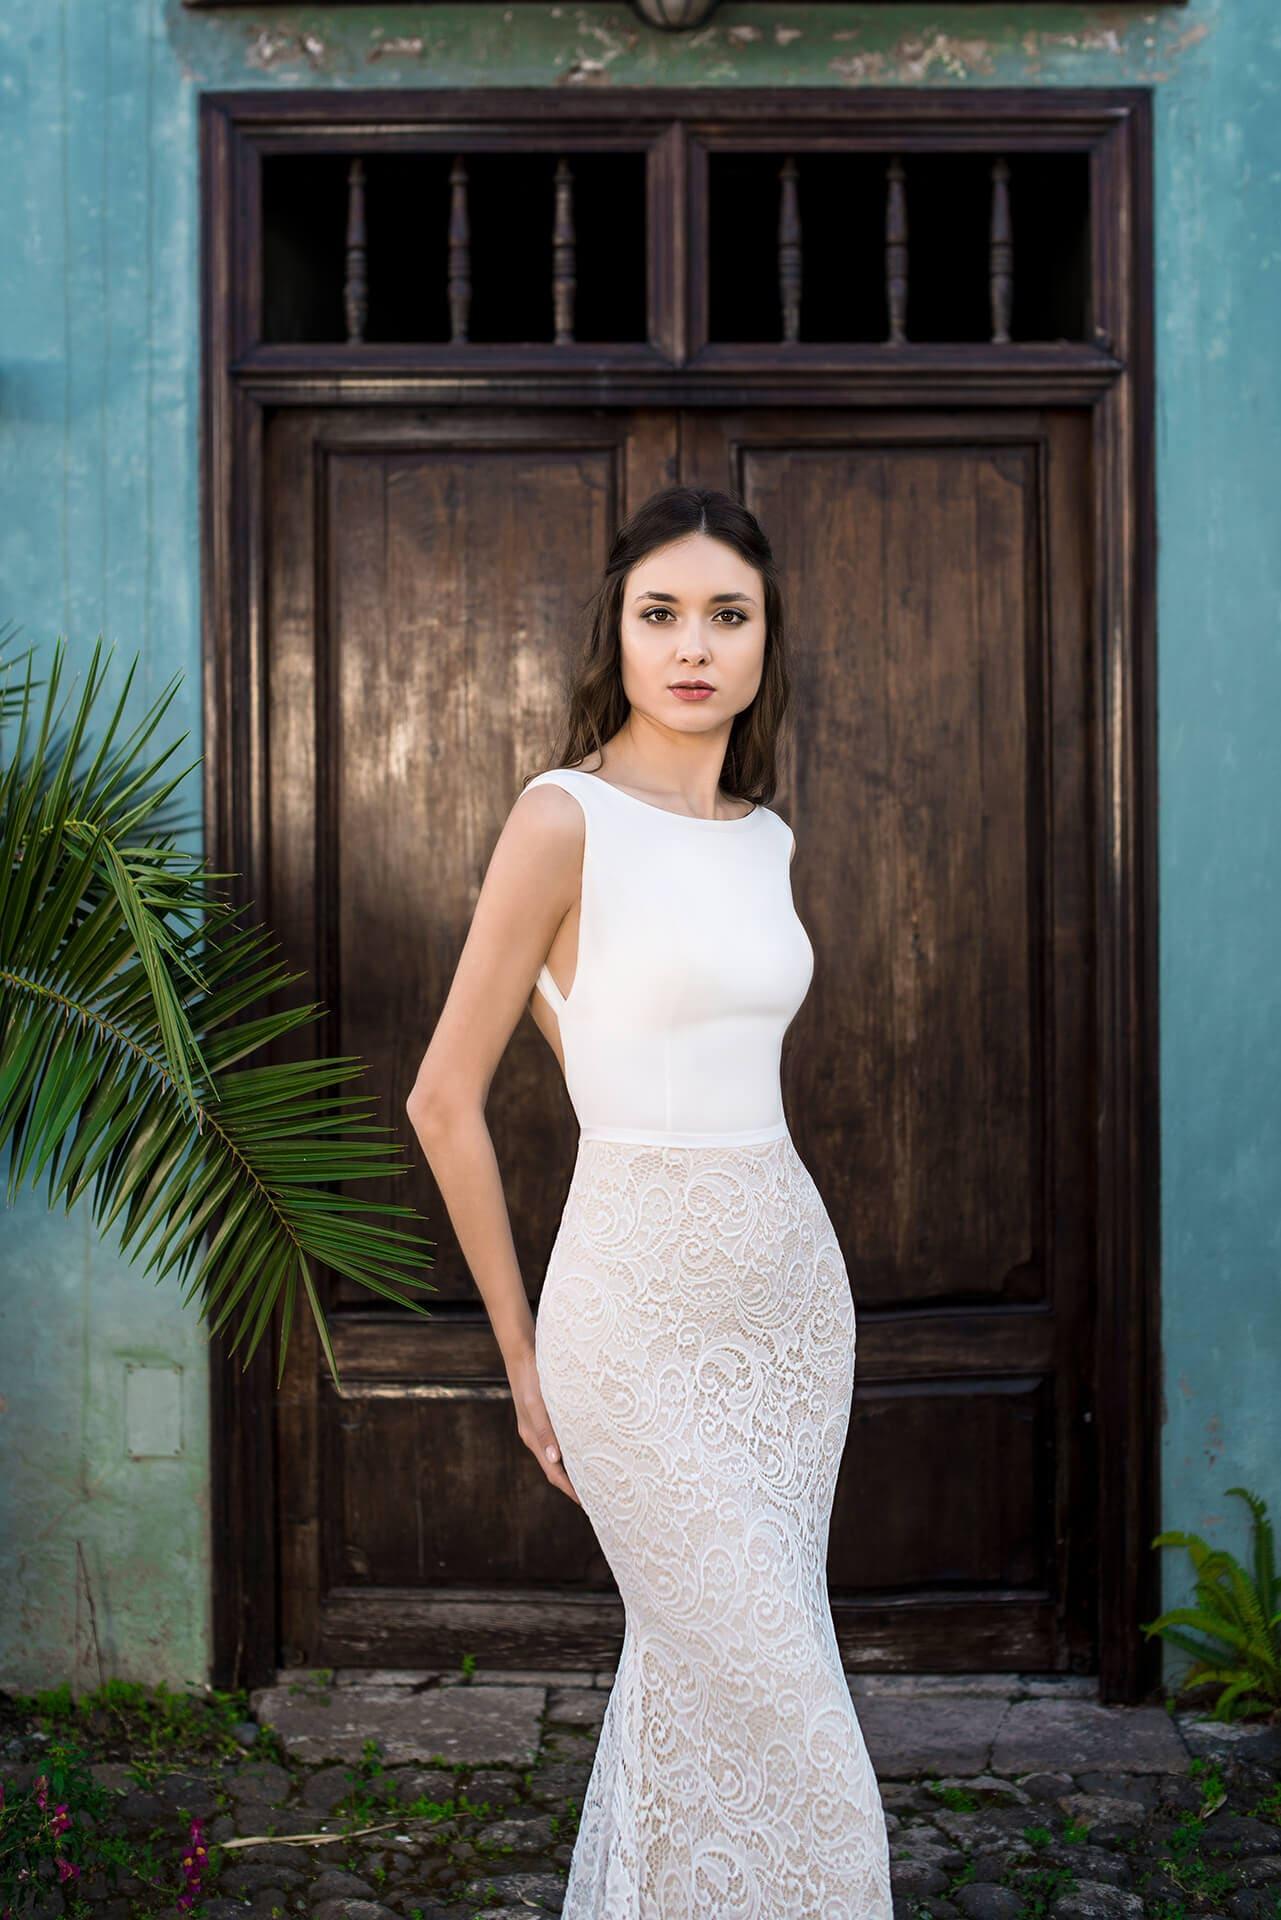 Свадебное платье с облегающей кружевной юбкой и открытой спиной.